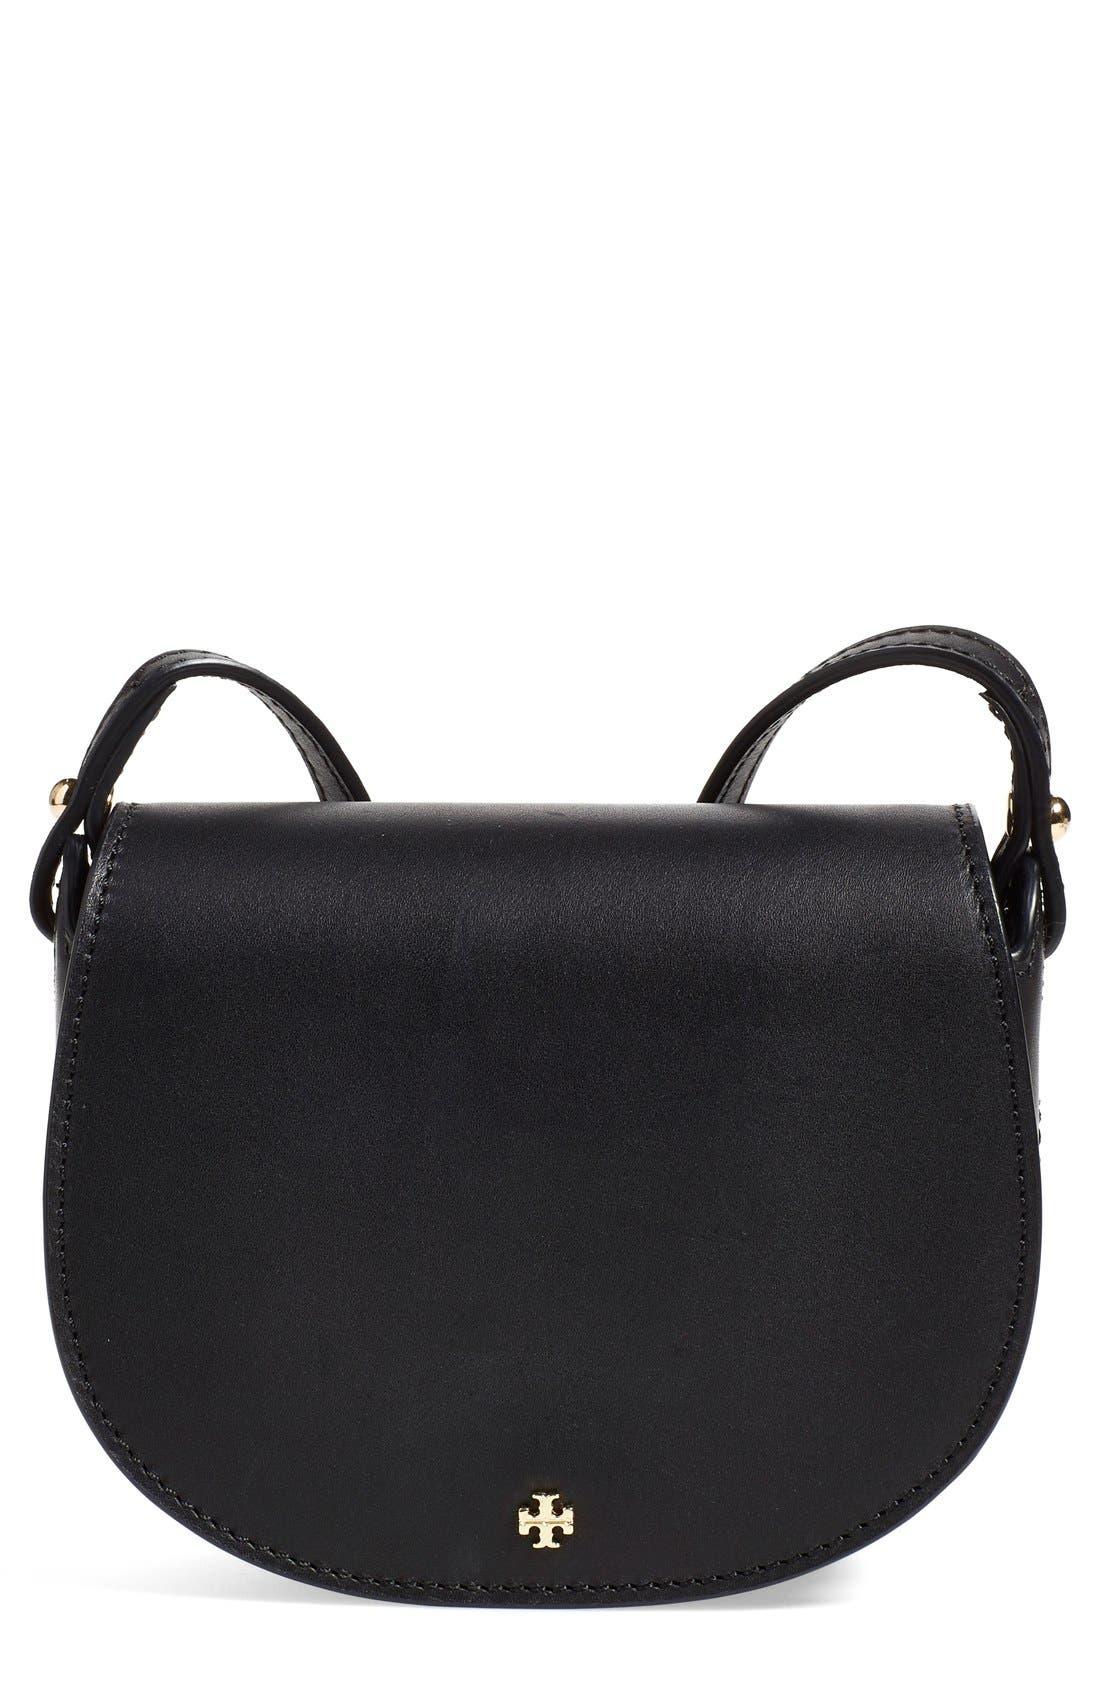 TORY BURCH 'Mini' Leather Saddle Bag, Main, color, 009